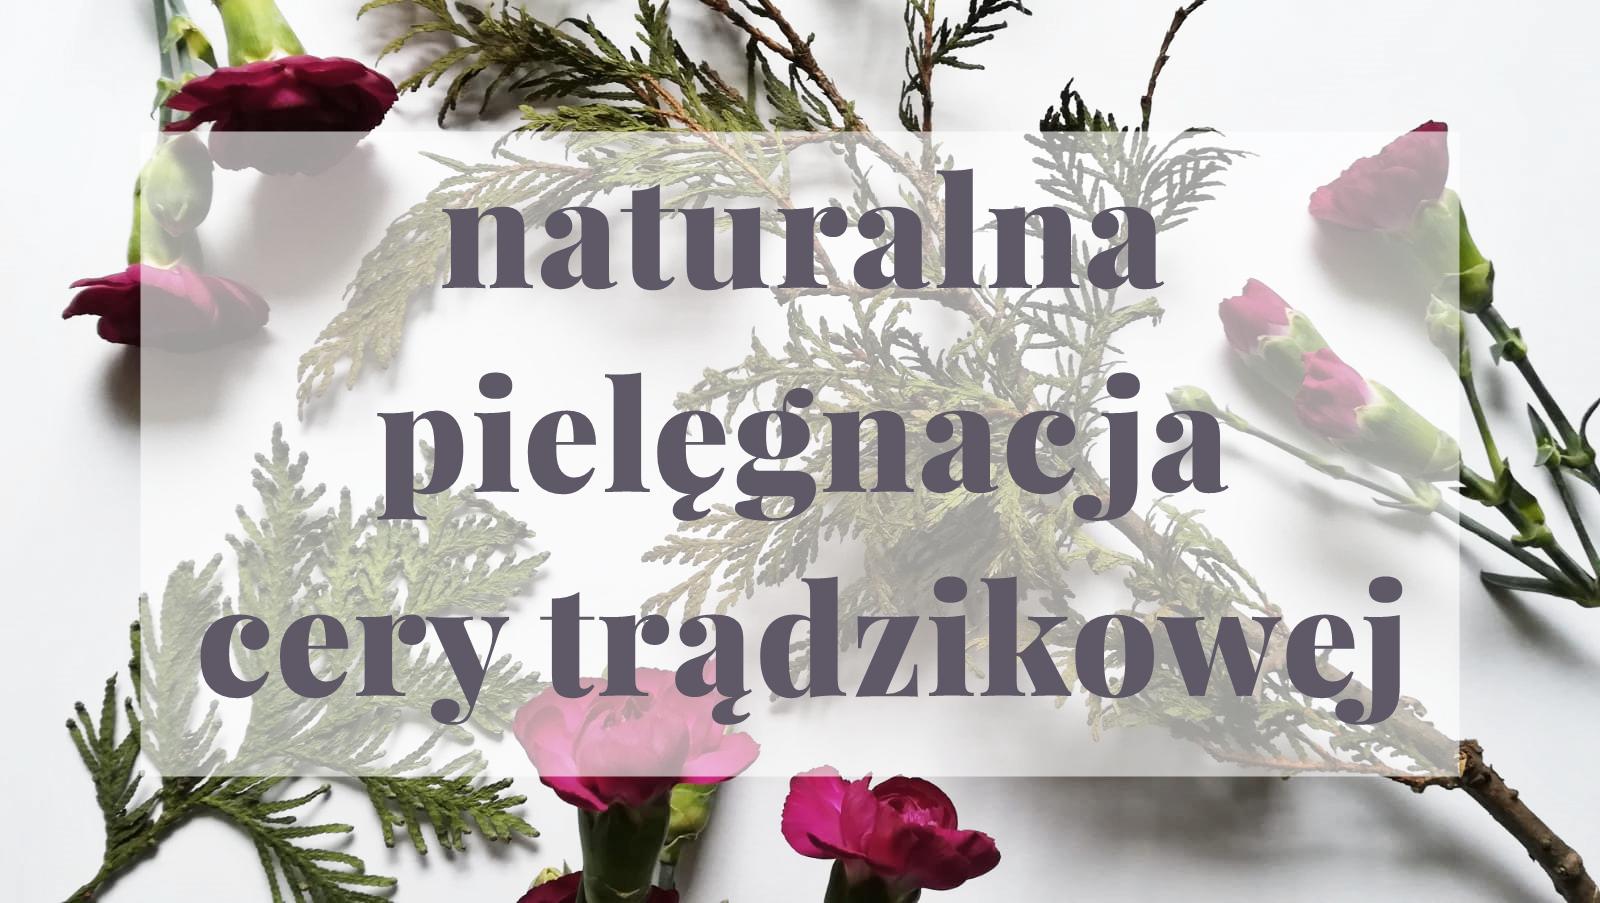 Naturalna pielęgnacja cery trądzikowej: jak ją ugryźć? Poradnik dla każdego.